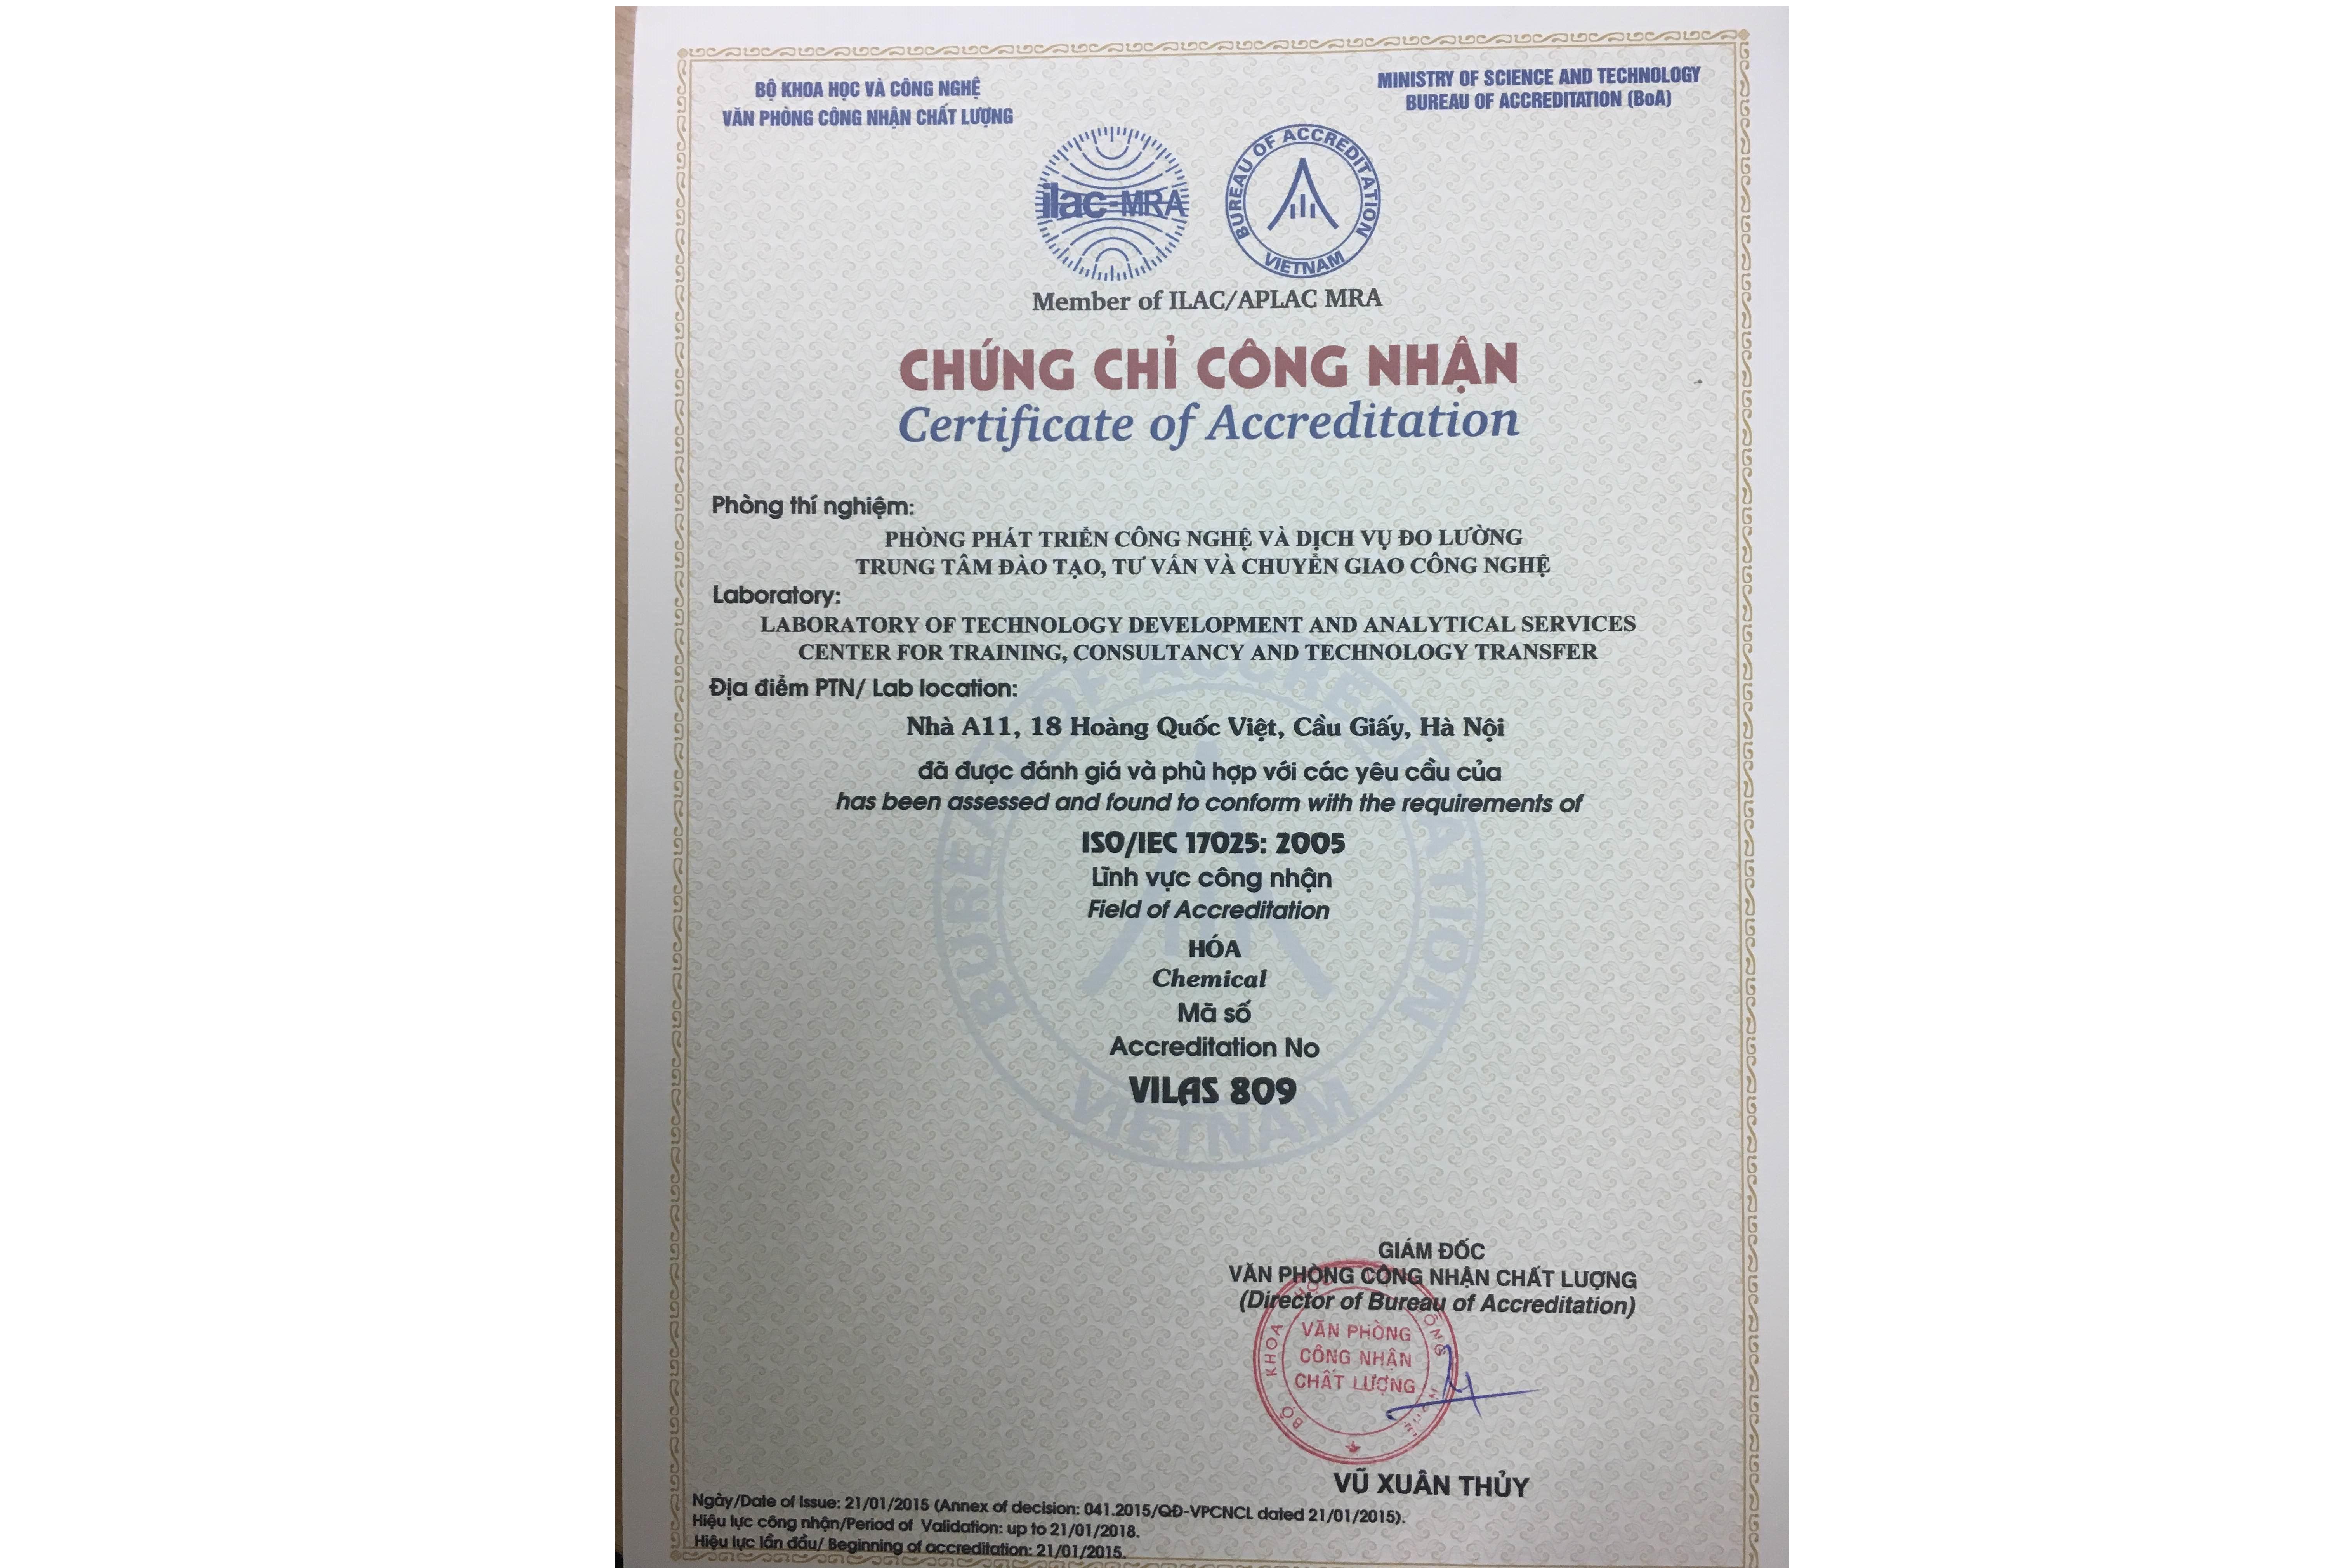 Phòng phát triển công nghệ và dịch vụ đo lường được công nhận phù hợp theo ISO/IEC 17025:2005, mã hiệu VILAS 809